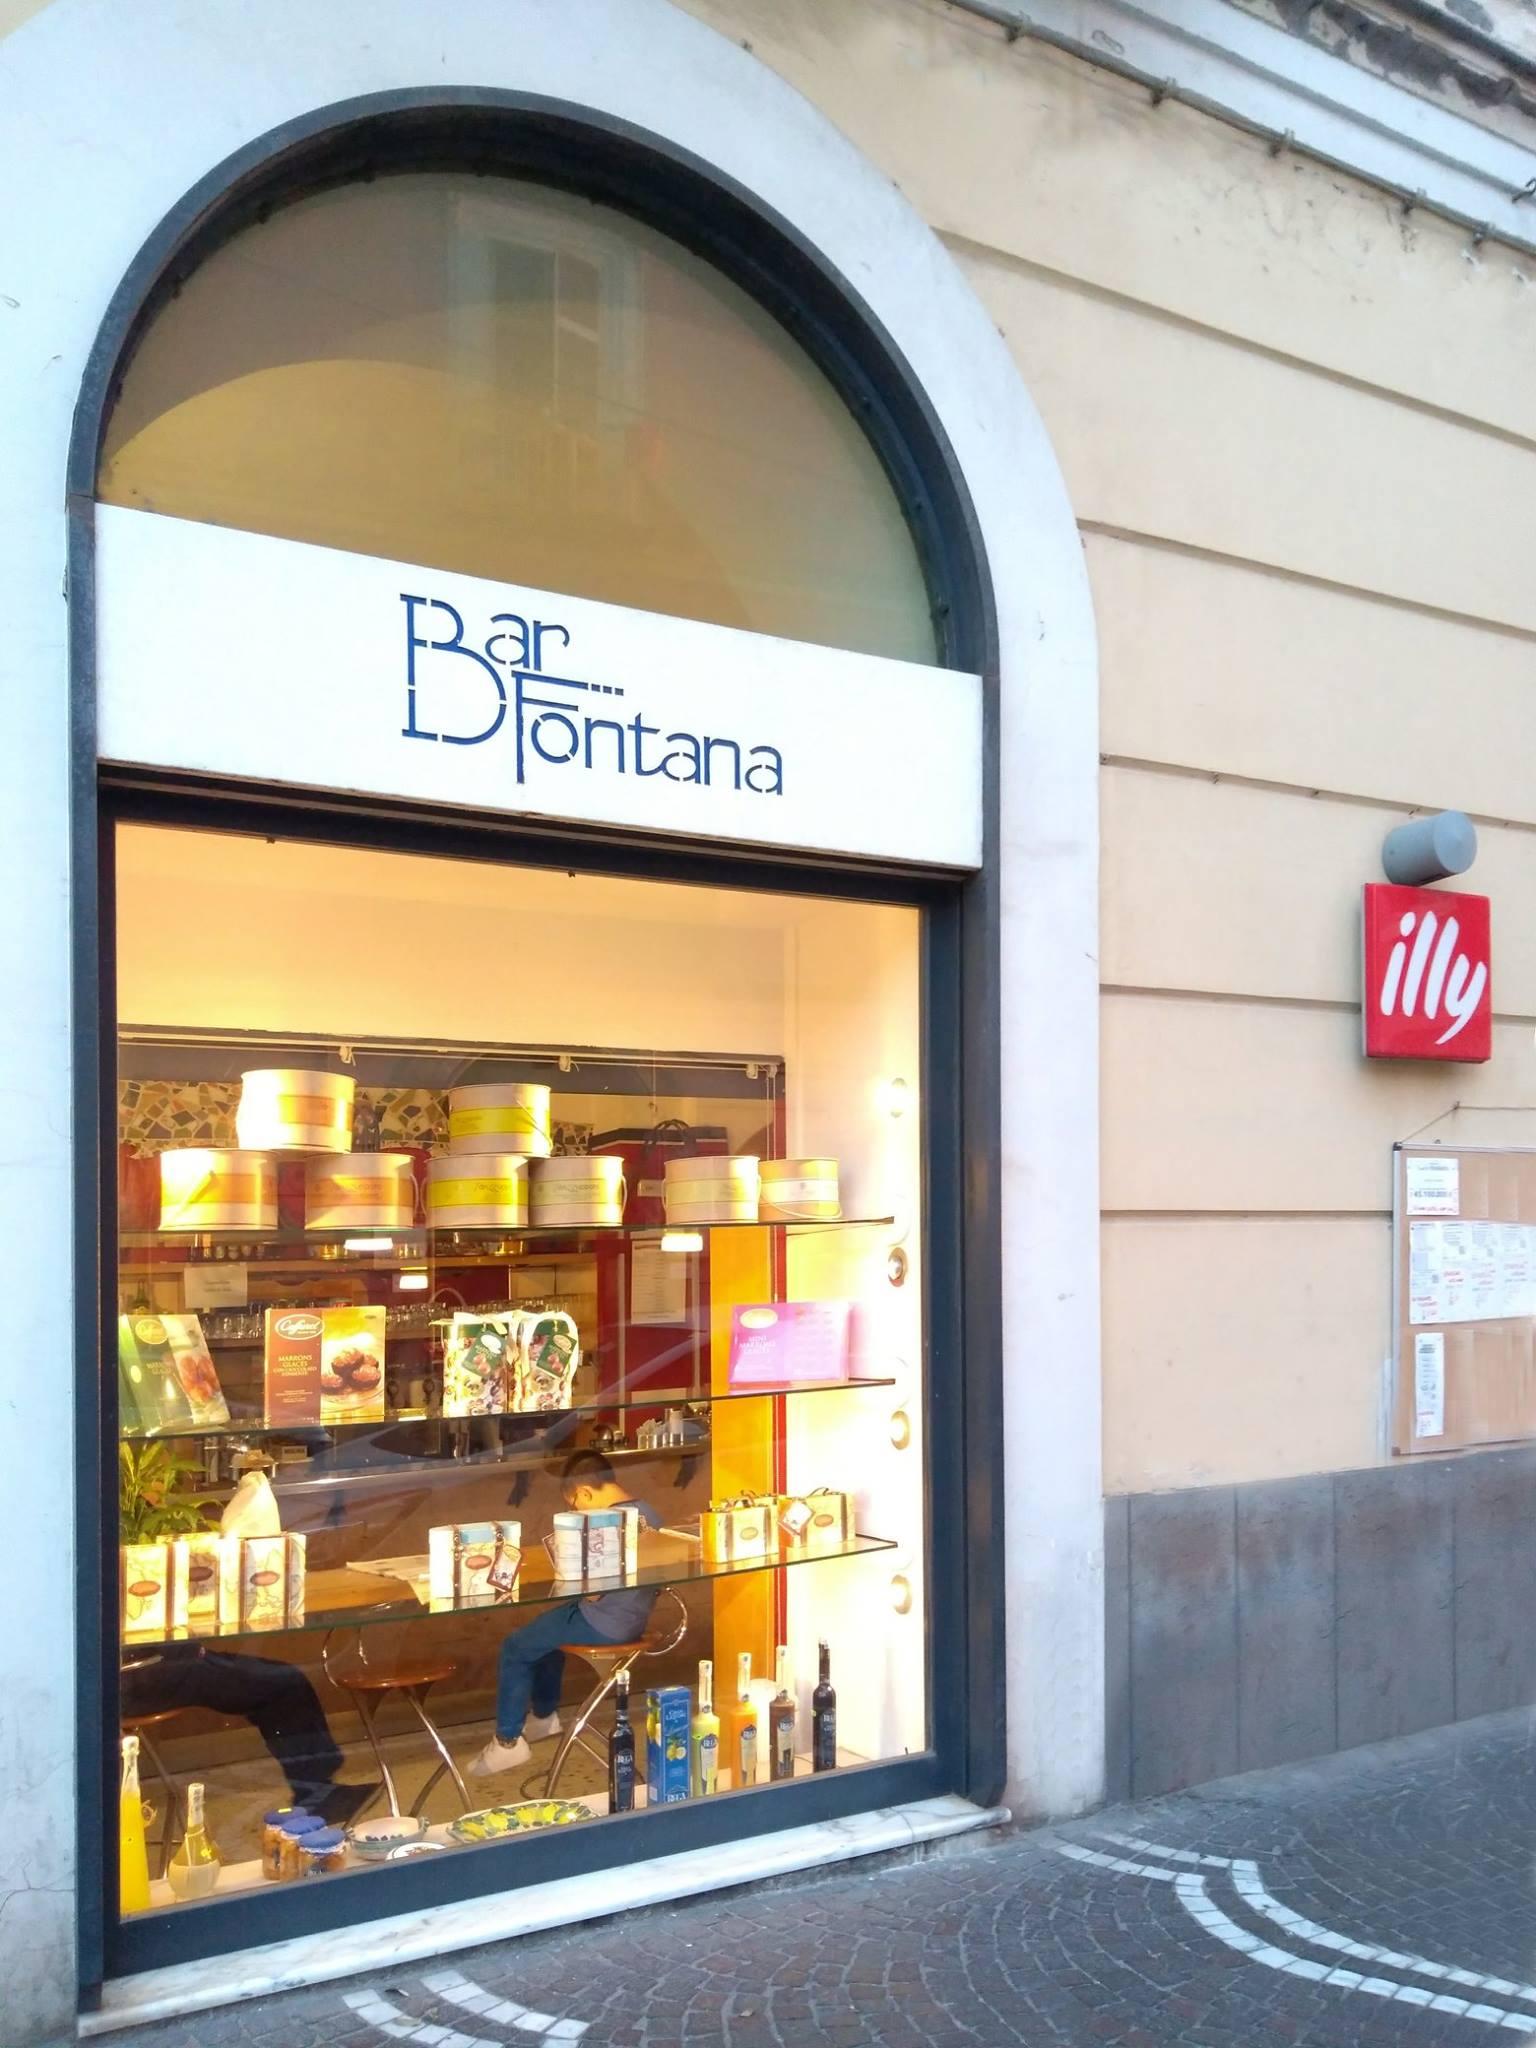 Bar Fontana